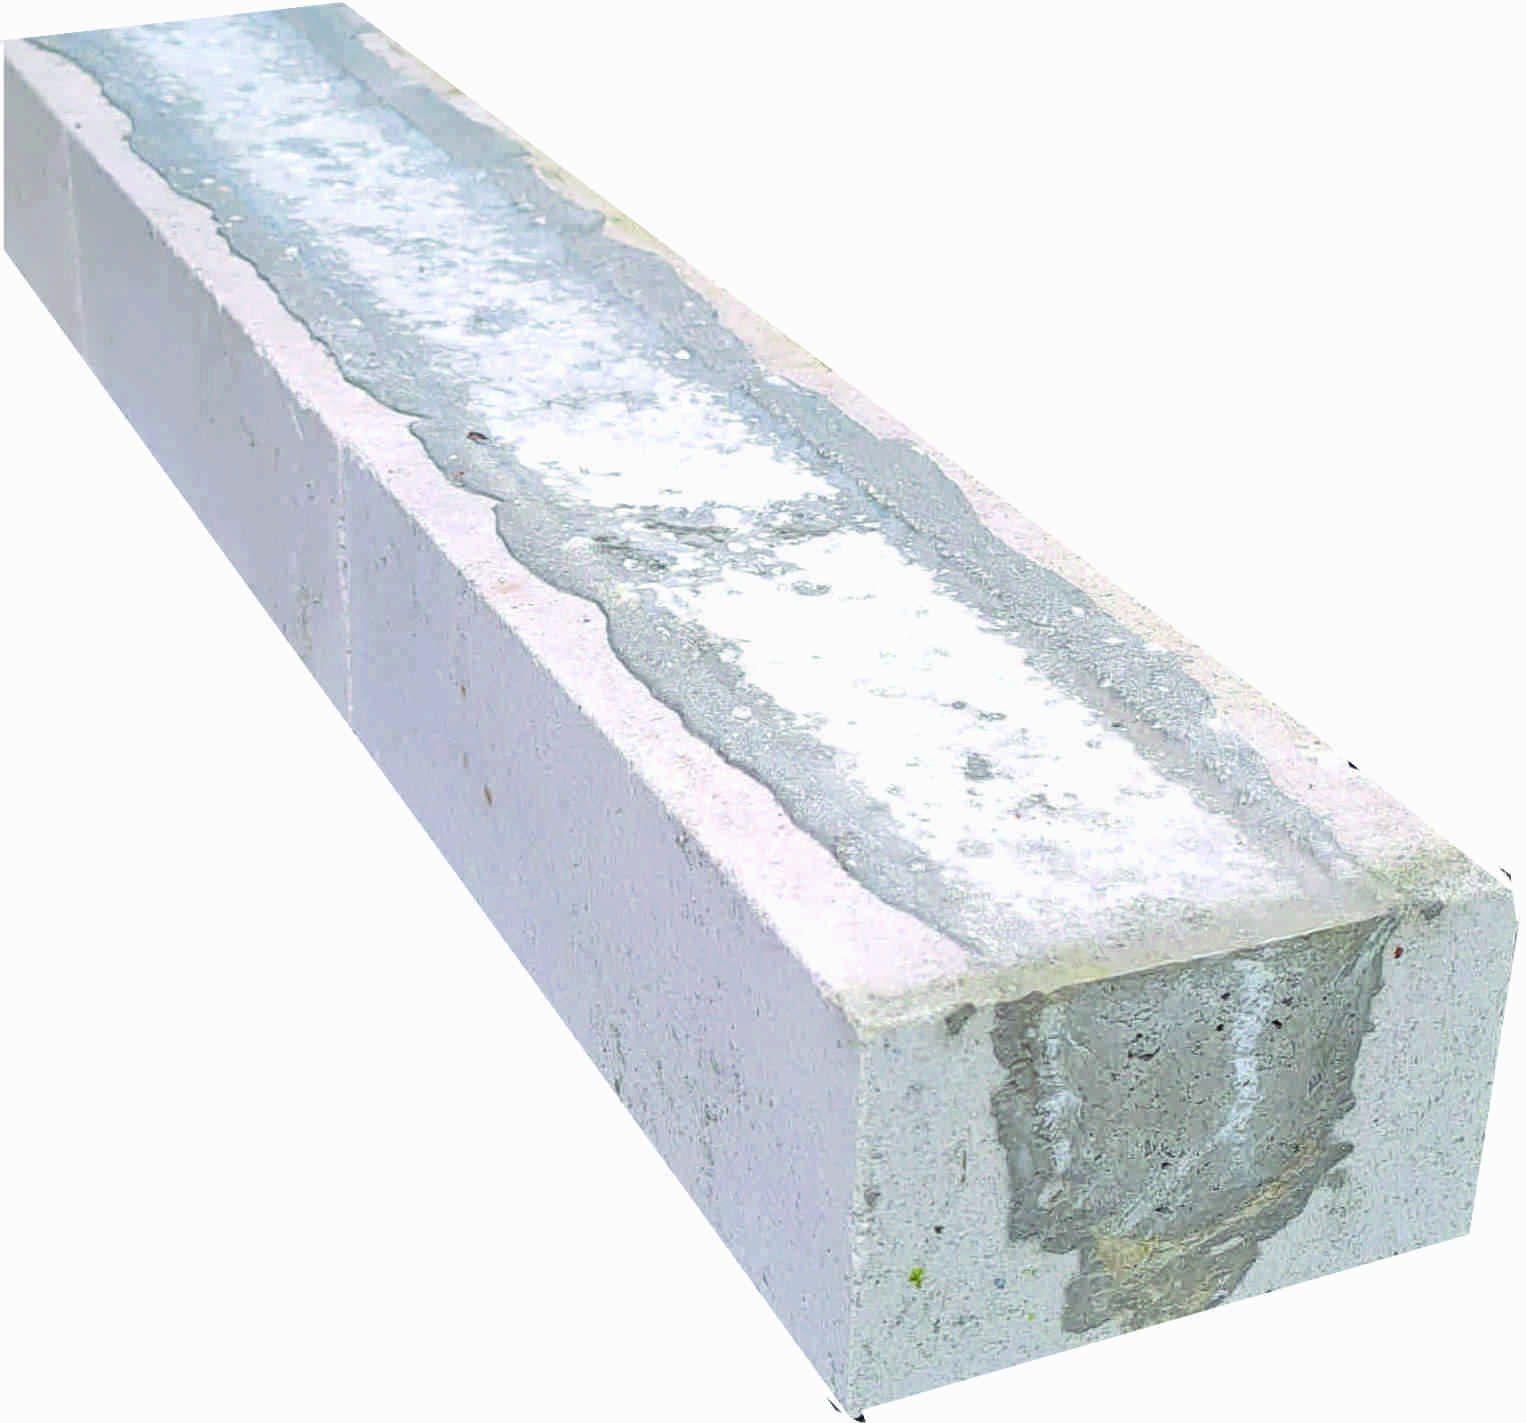 Kalksandsteinstürze NF 7,1 x 11,5 cm 2,50 m